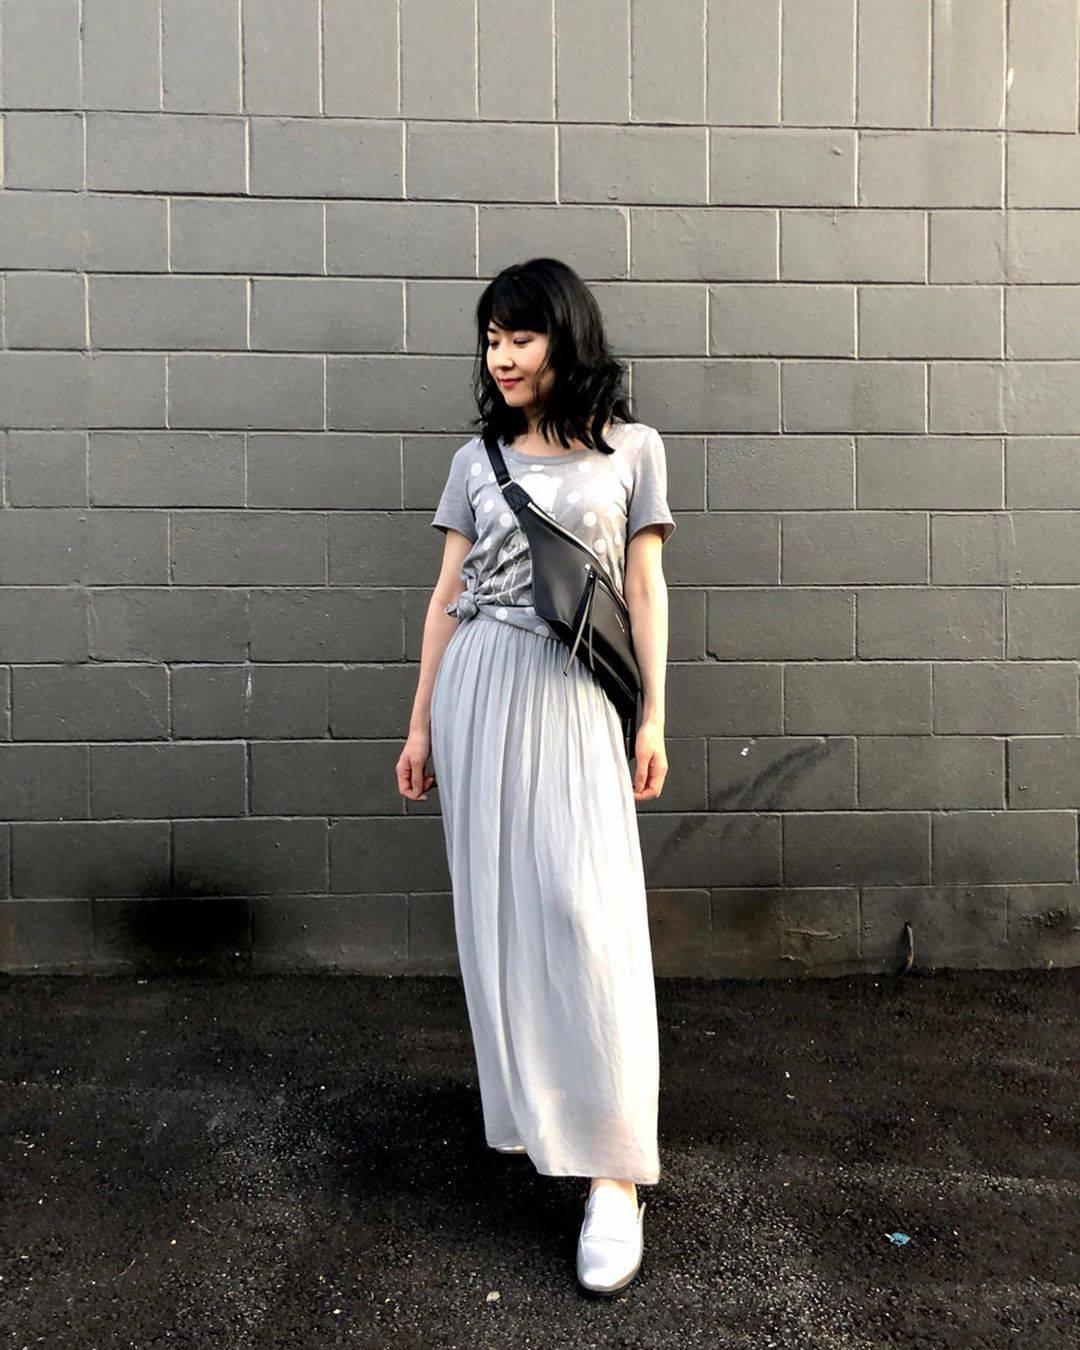 最高気温22度・最低気温19度 i.styleclosetの服装